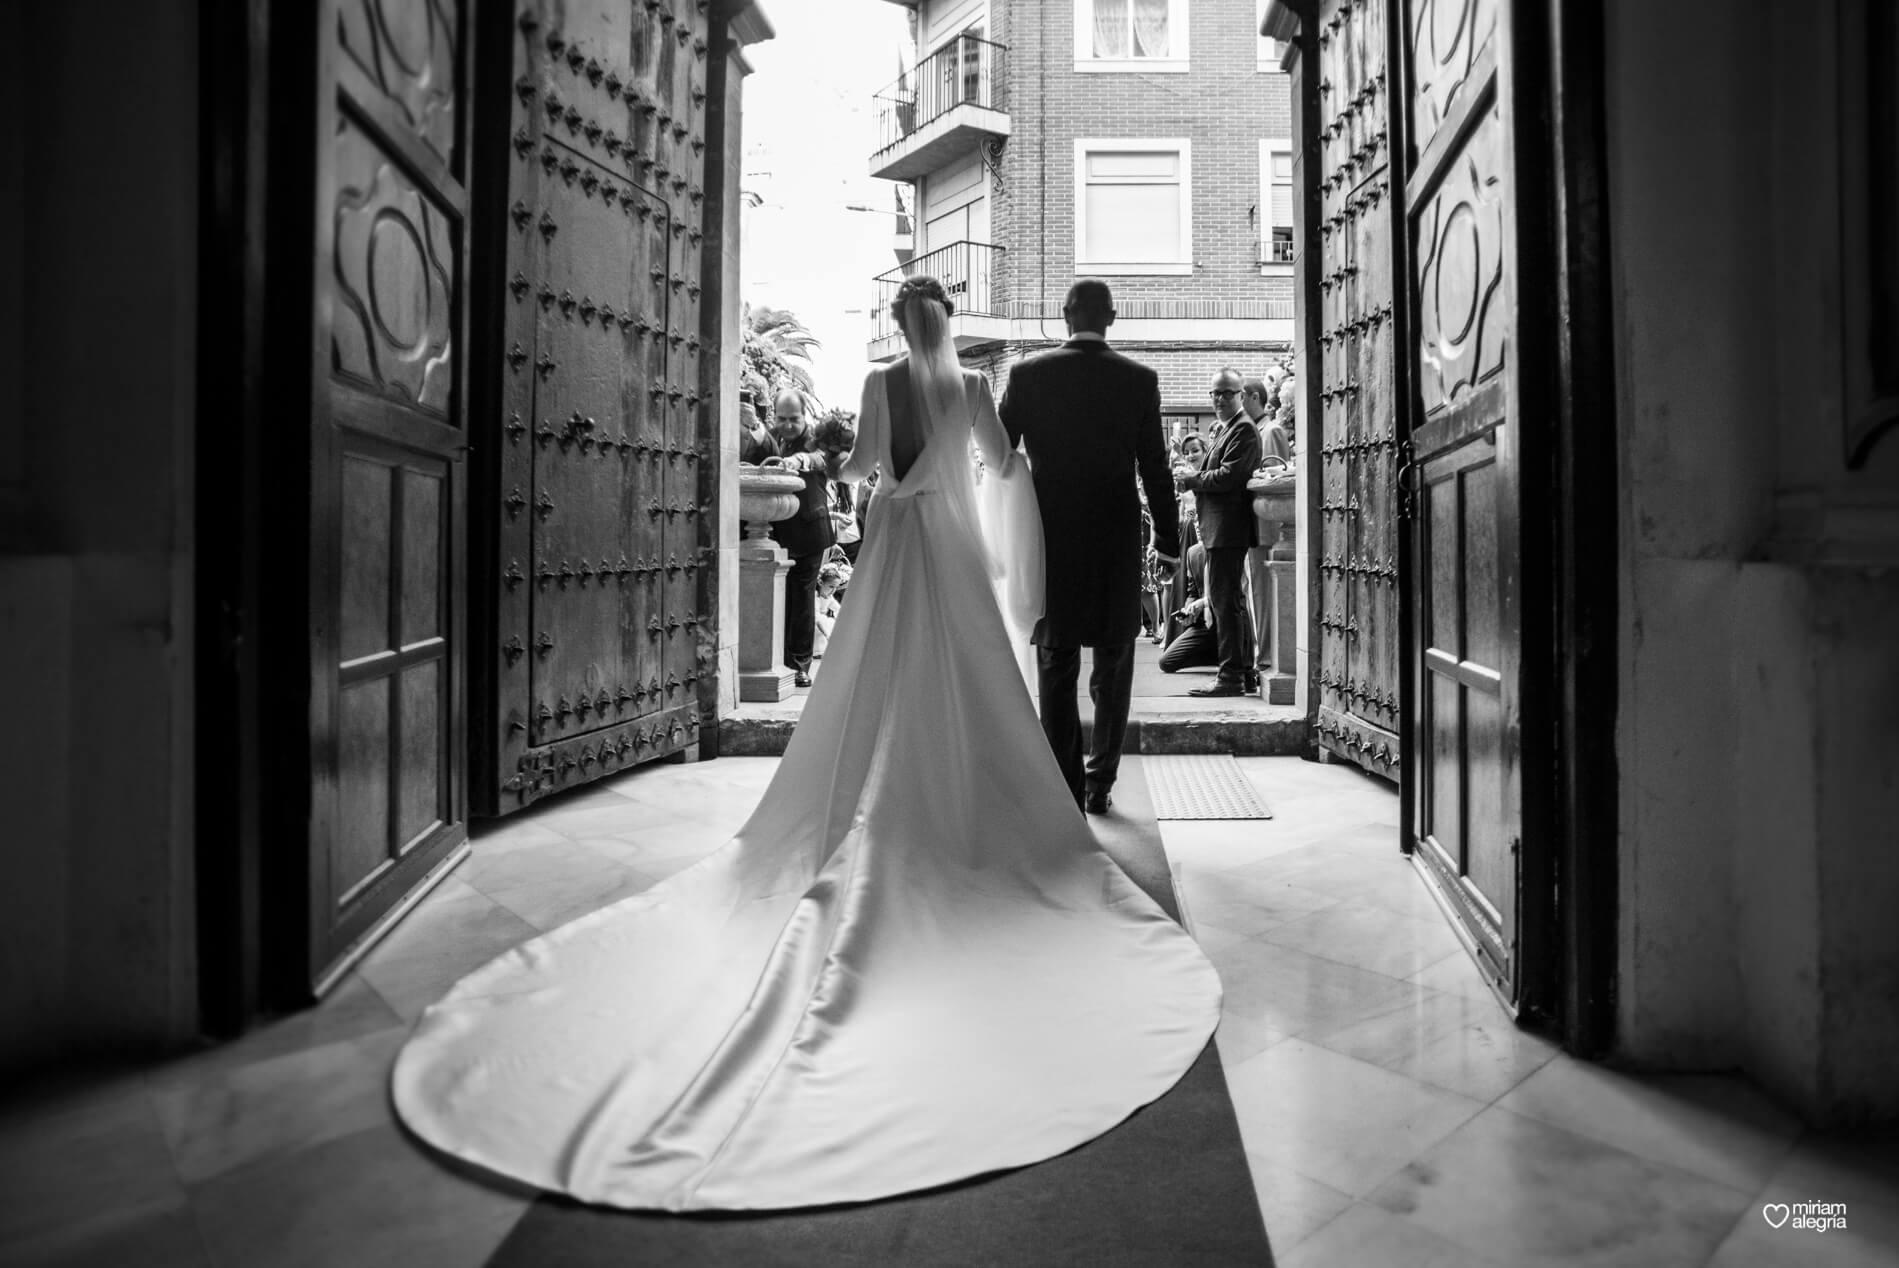 iglesia-de-san-miguel-fotografos-boda-murcia-17